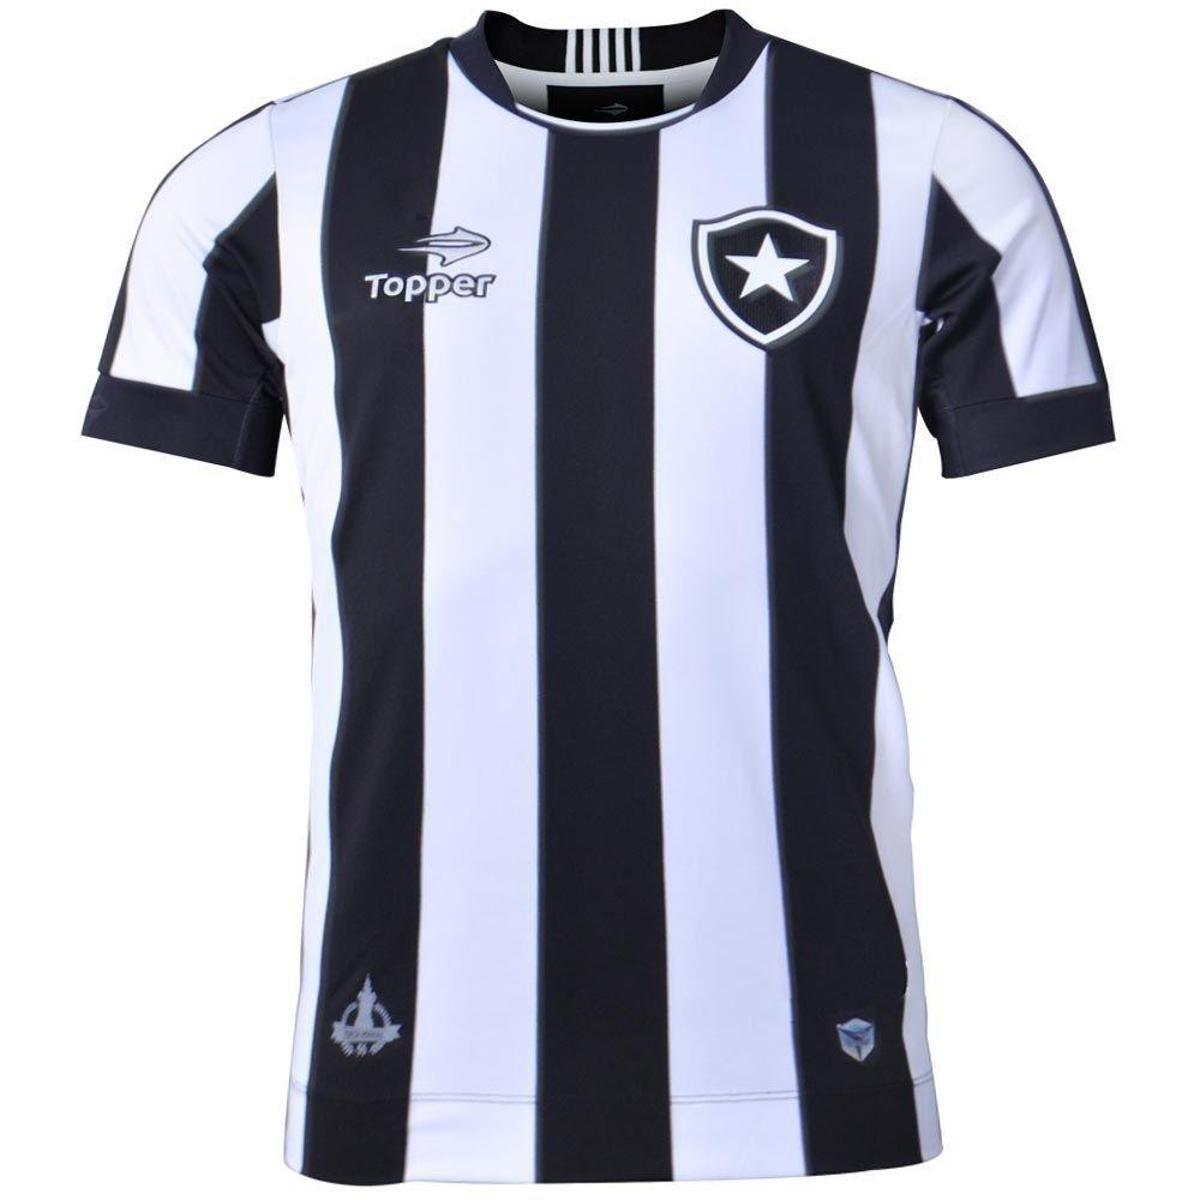 f00e406110 Camisa Botafogo Jogo I 2016 Topper Masculina - Compre Agora